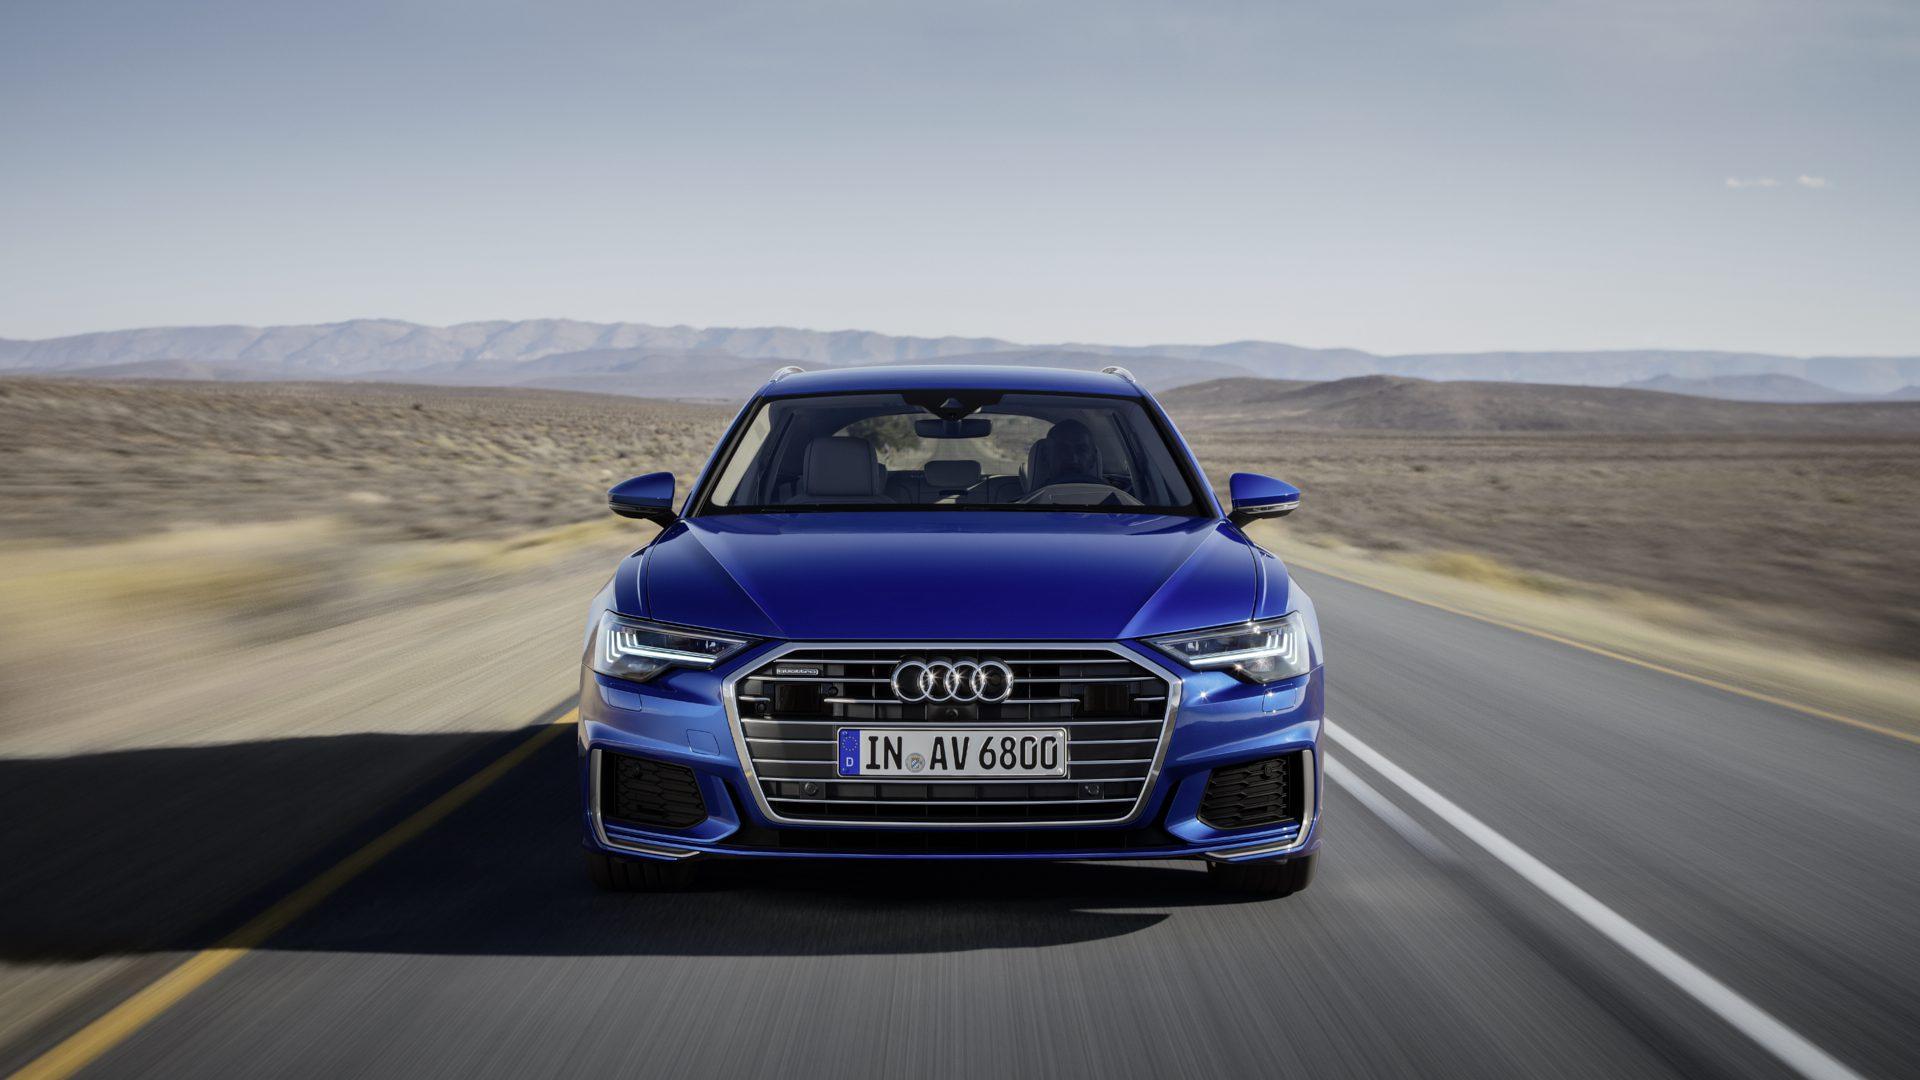 RWink_Audi_A6_Speed_005_B2200